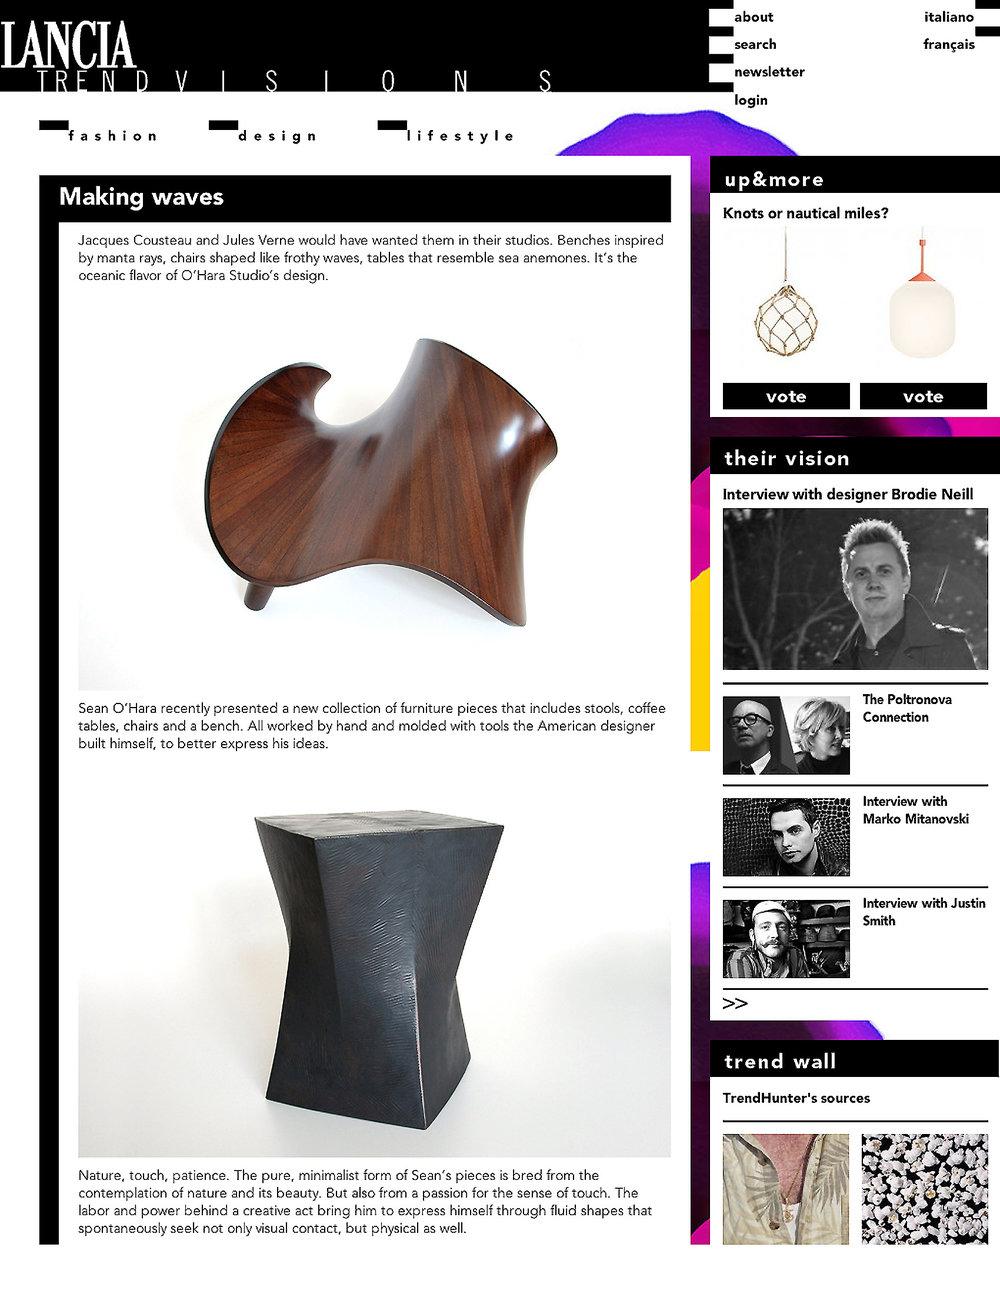 Lancia Blog 2-6-2012.jpg